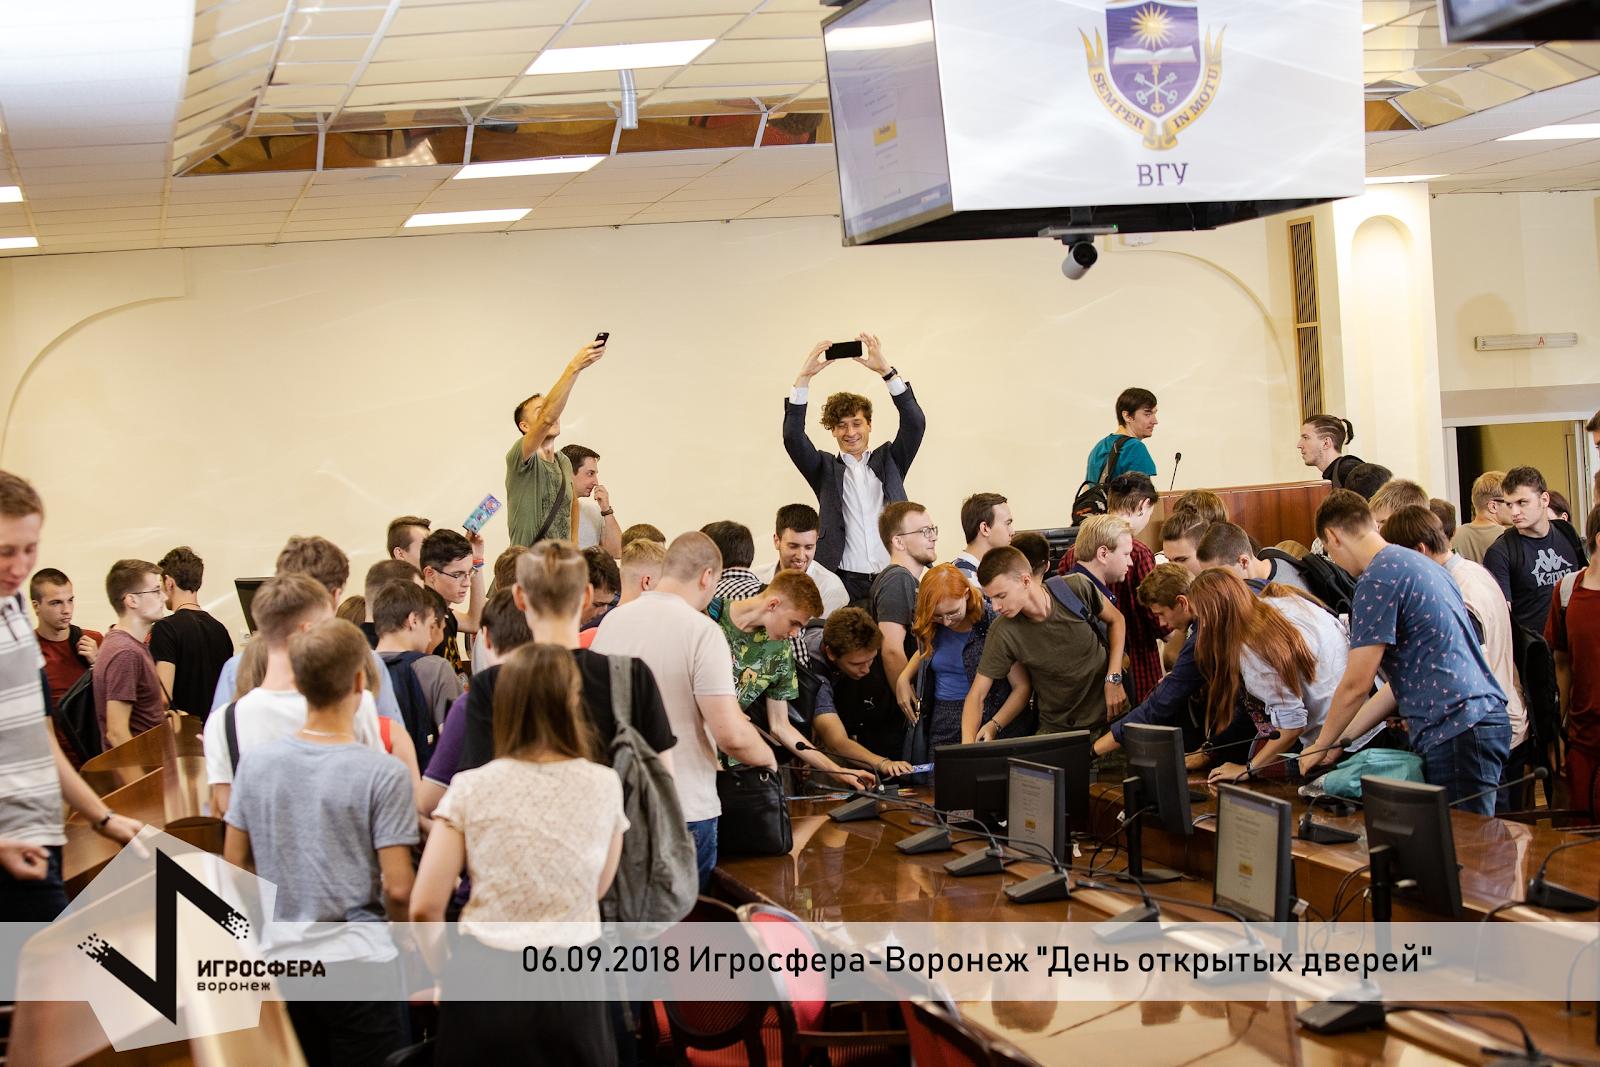 Лучшие специалисты — те, которых подготовил сам: курс по тестированию игр от экспертов Mail.Ru Group - 4